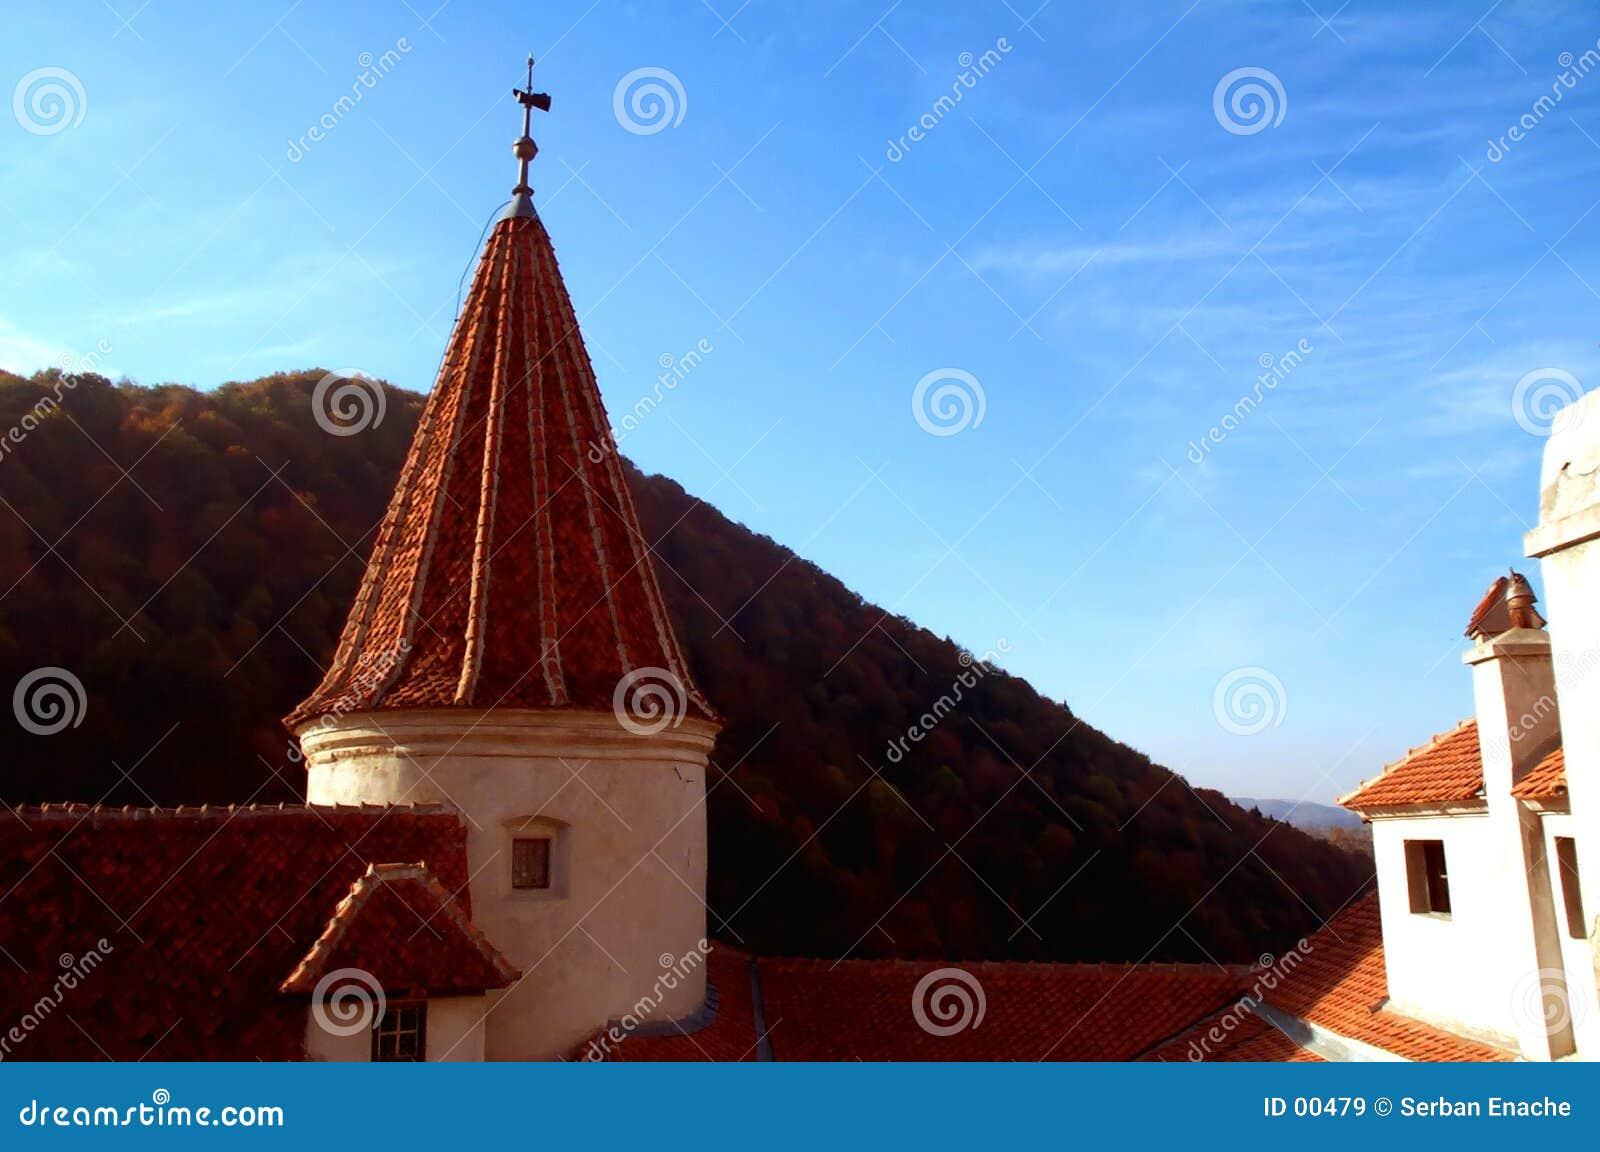 Zamek tower